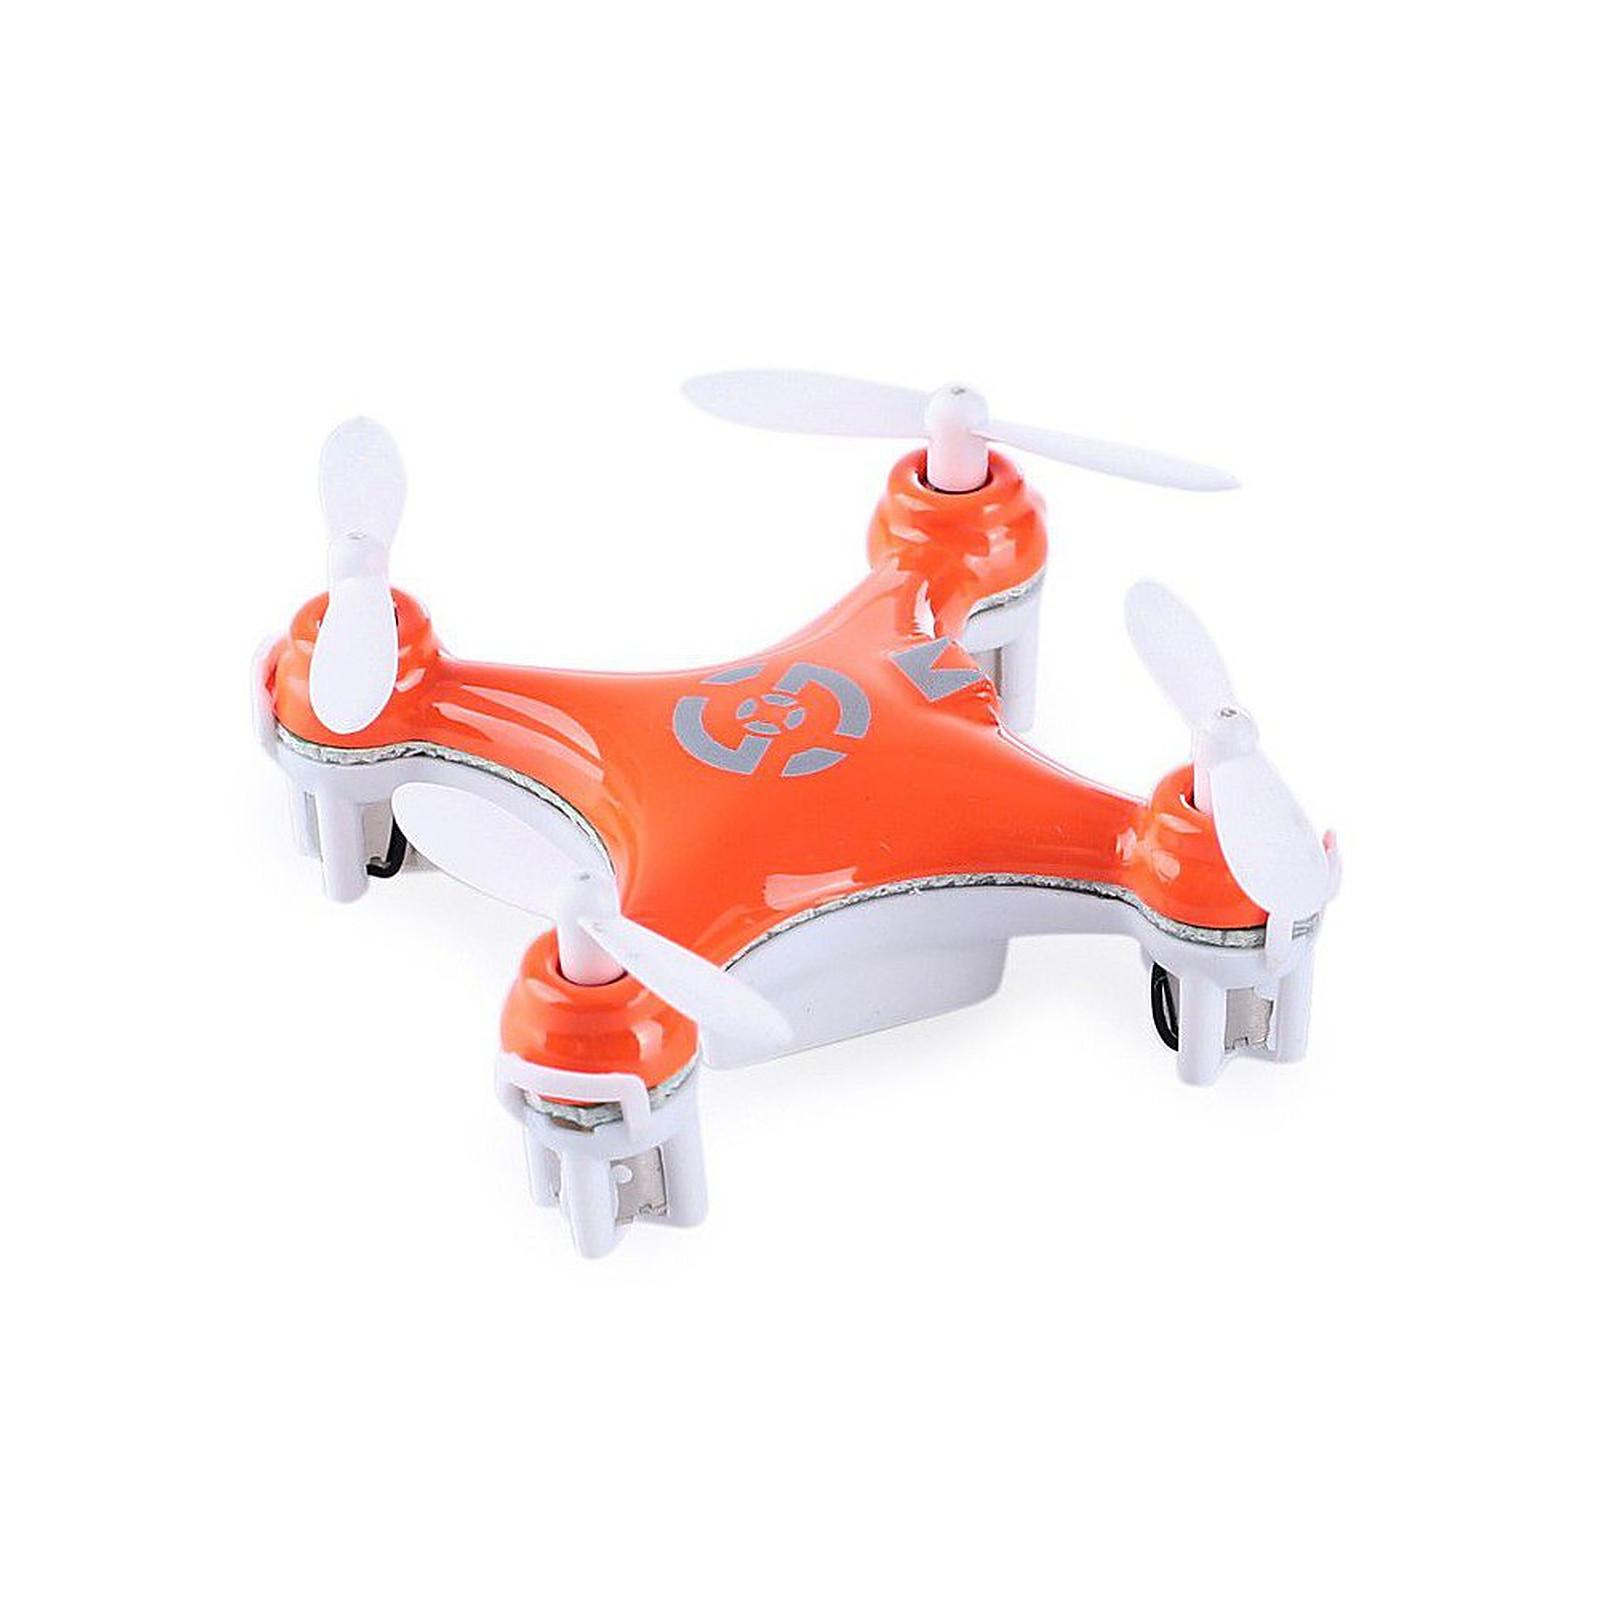 Cellys Mini drone CHEERSON Orange